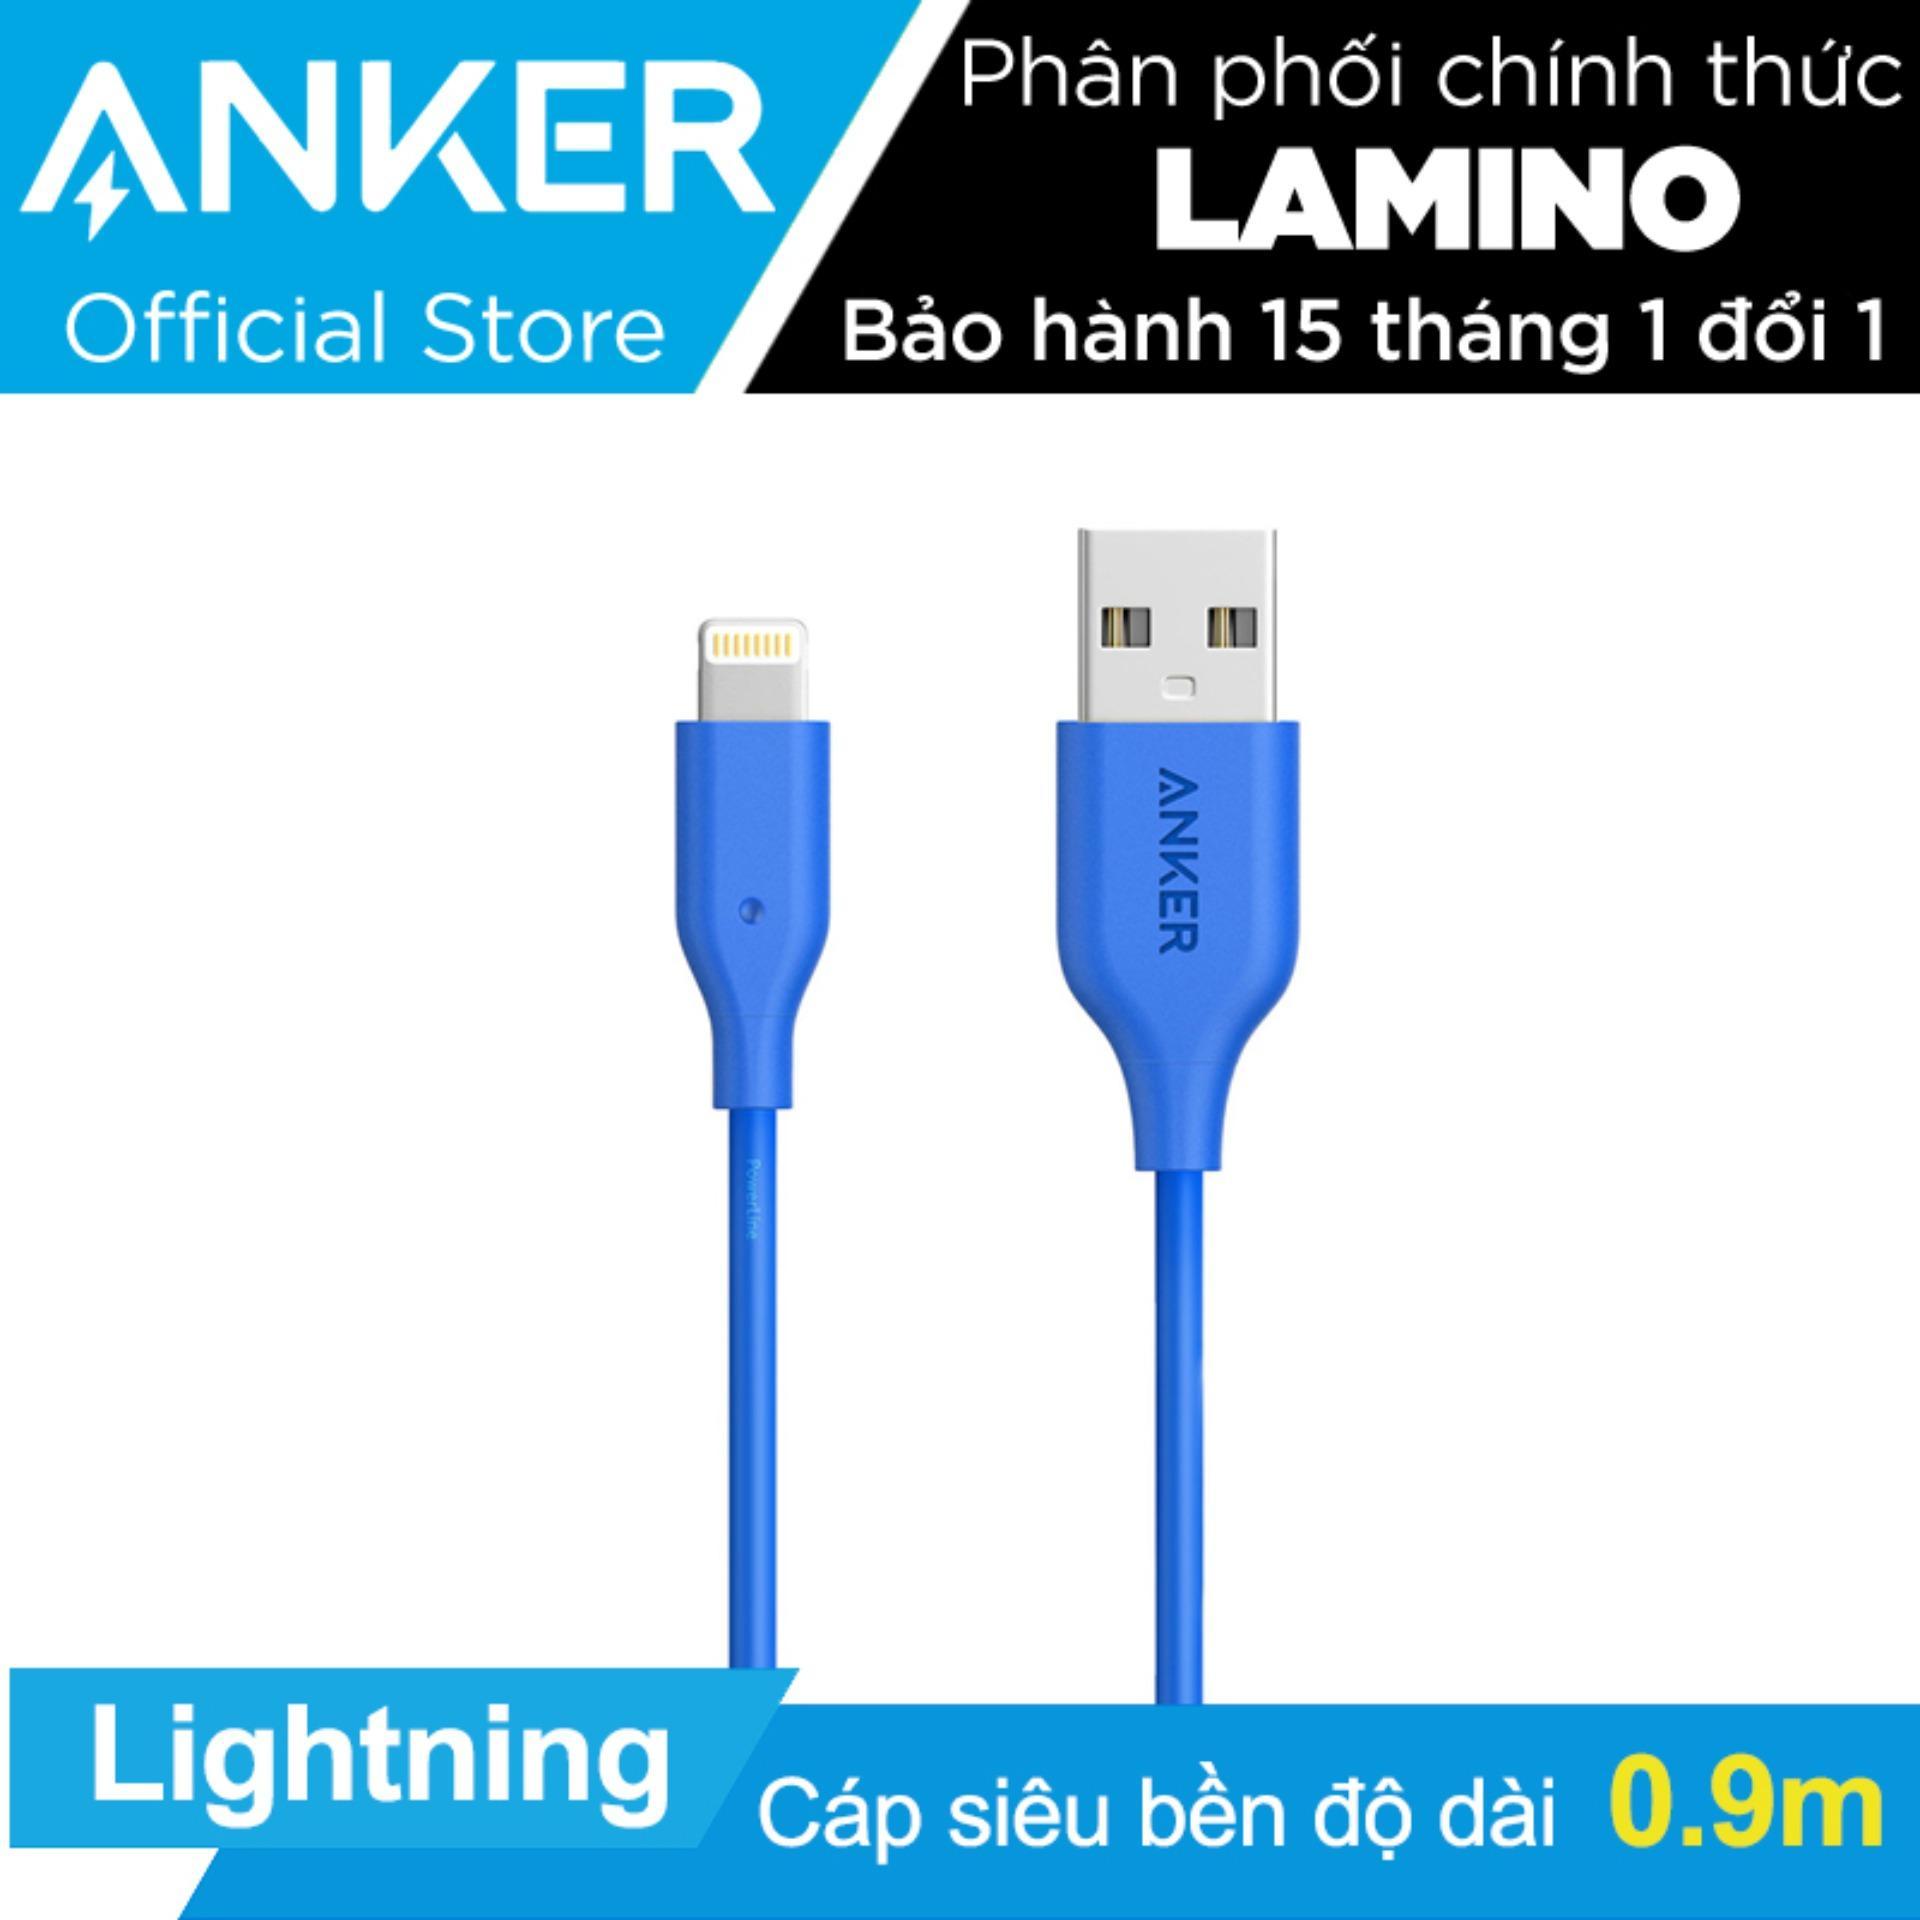 Mua Cap Sạc Sieu Bền Anker Powerline Lightning 9M Cho Iphone Ipad Ipod Xanh Dương Hang Phan Phối Chinh Thức Trực Tuyến